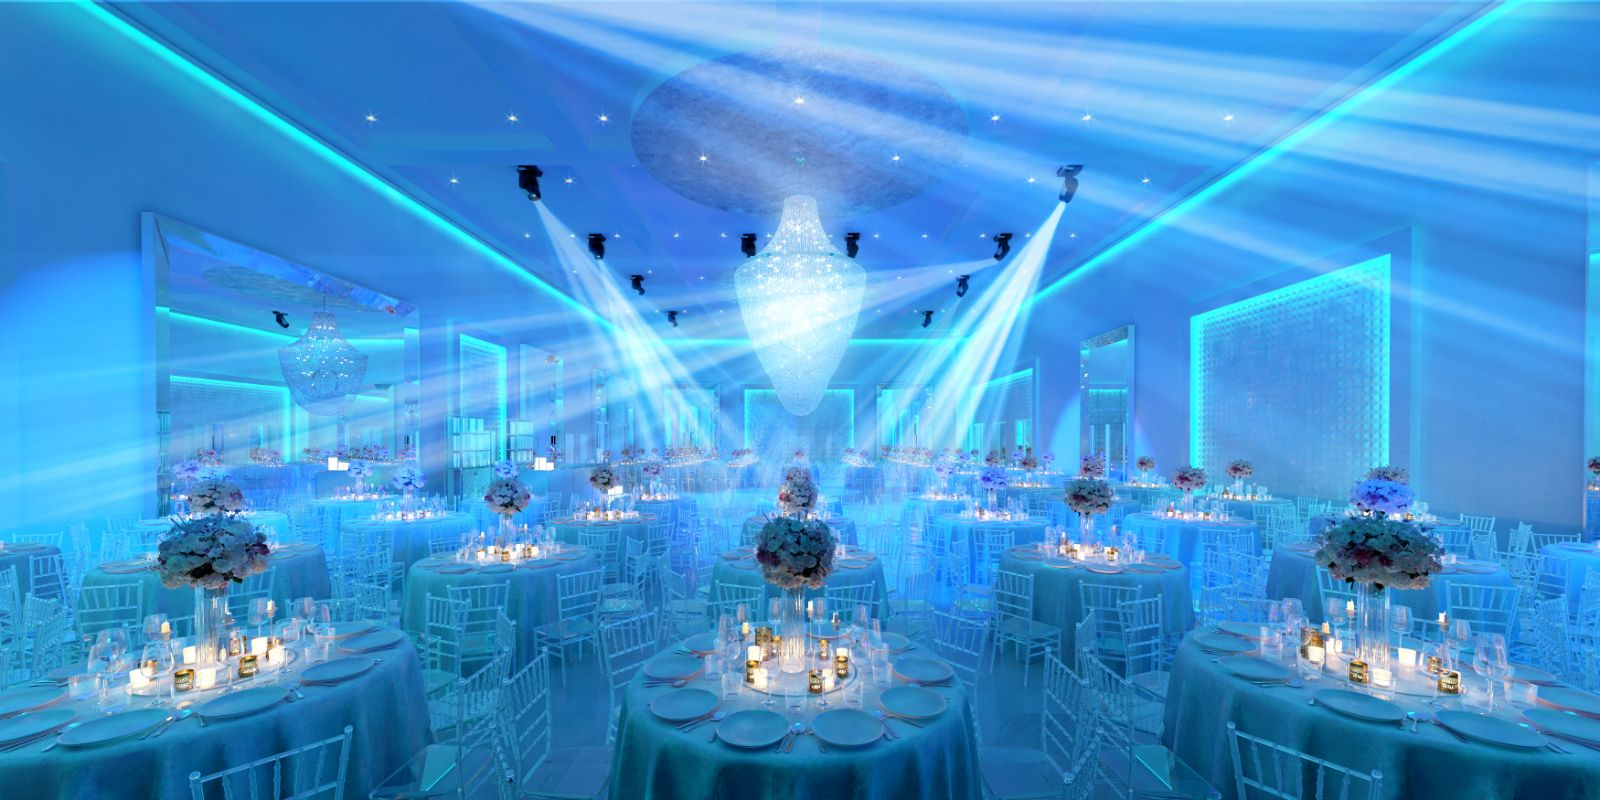 Spotlights, Social Hall, Social Hall Design